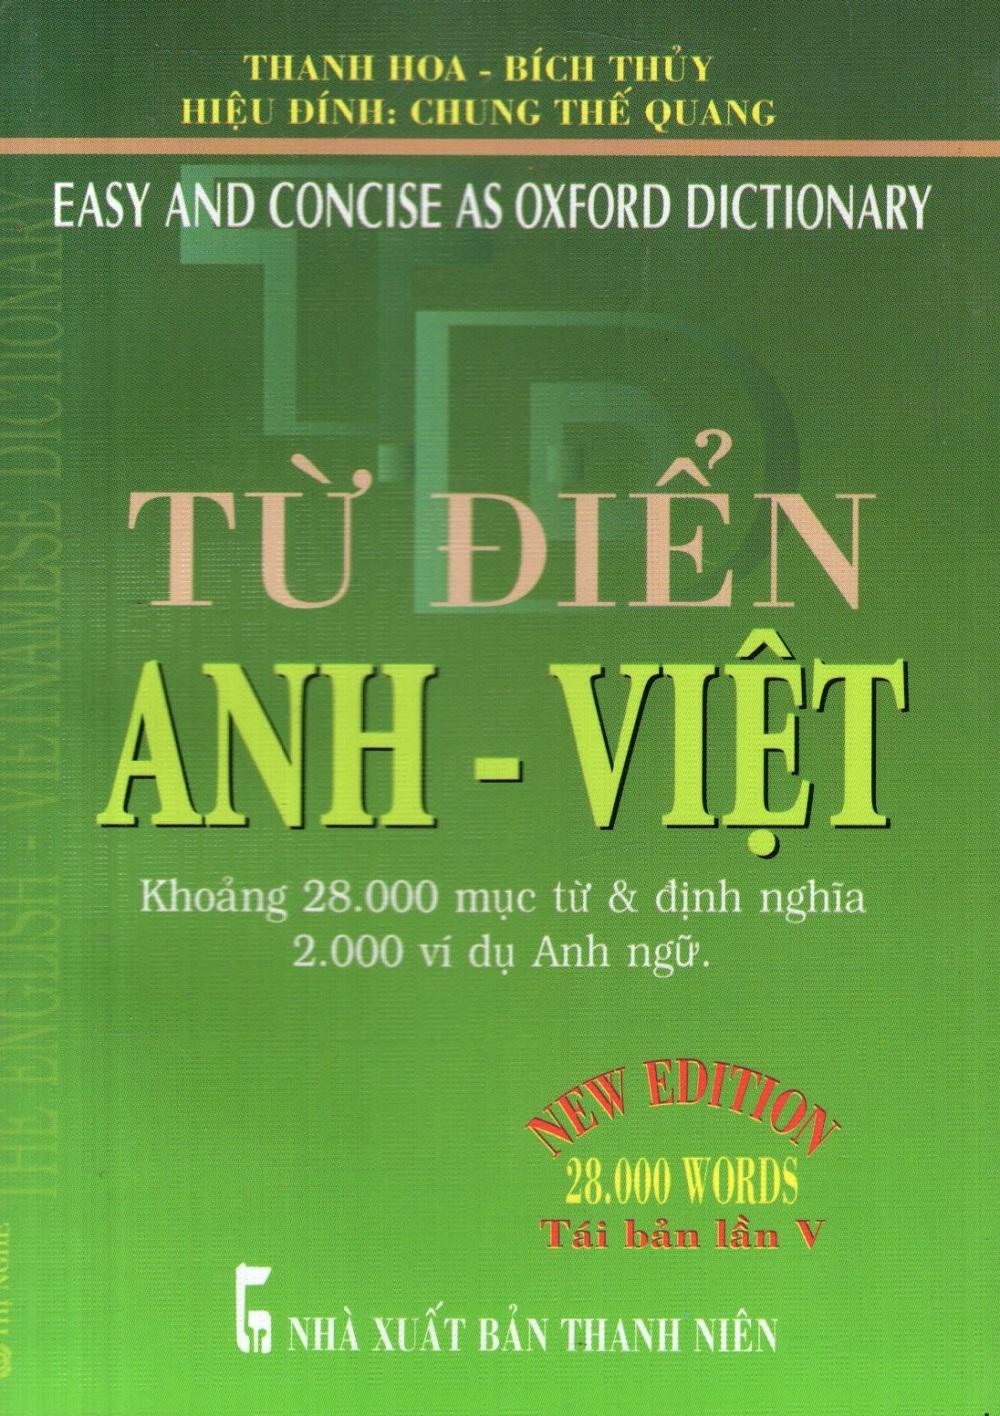 Bìa sách Từ Điển Anh - Việt (Khoảng 28.000 Từ) - Sách Bỏ Túi